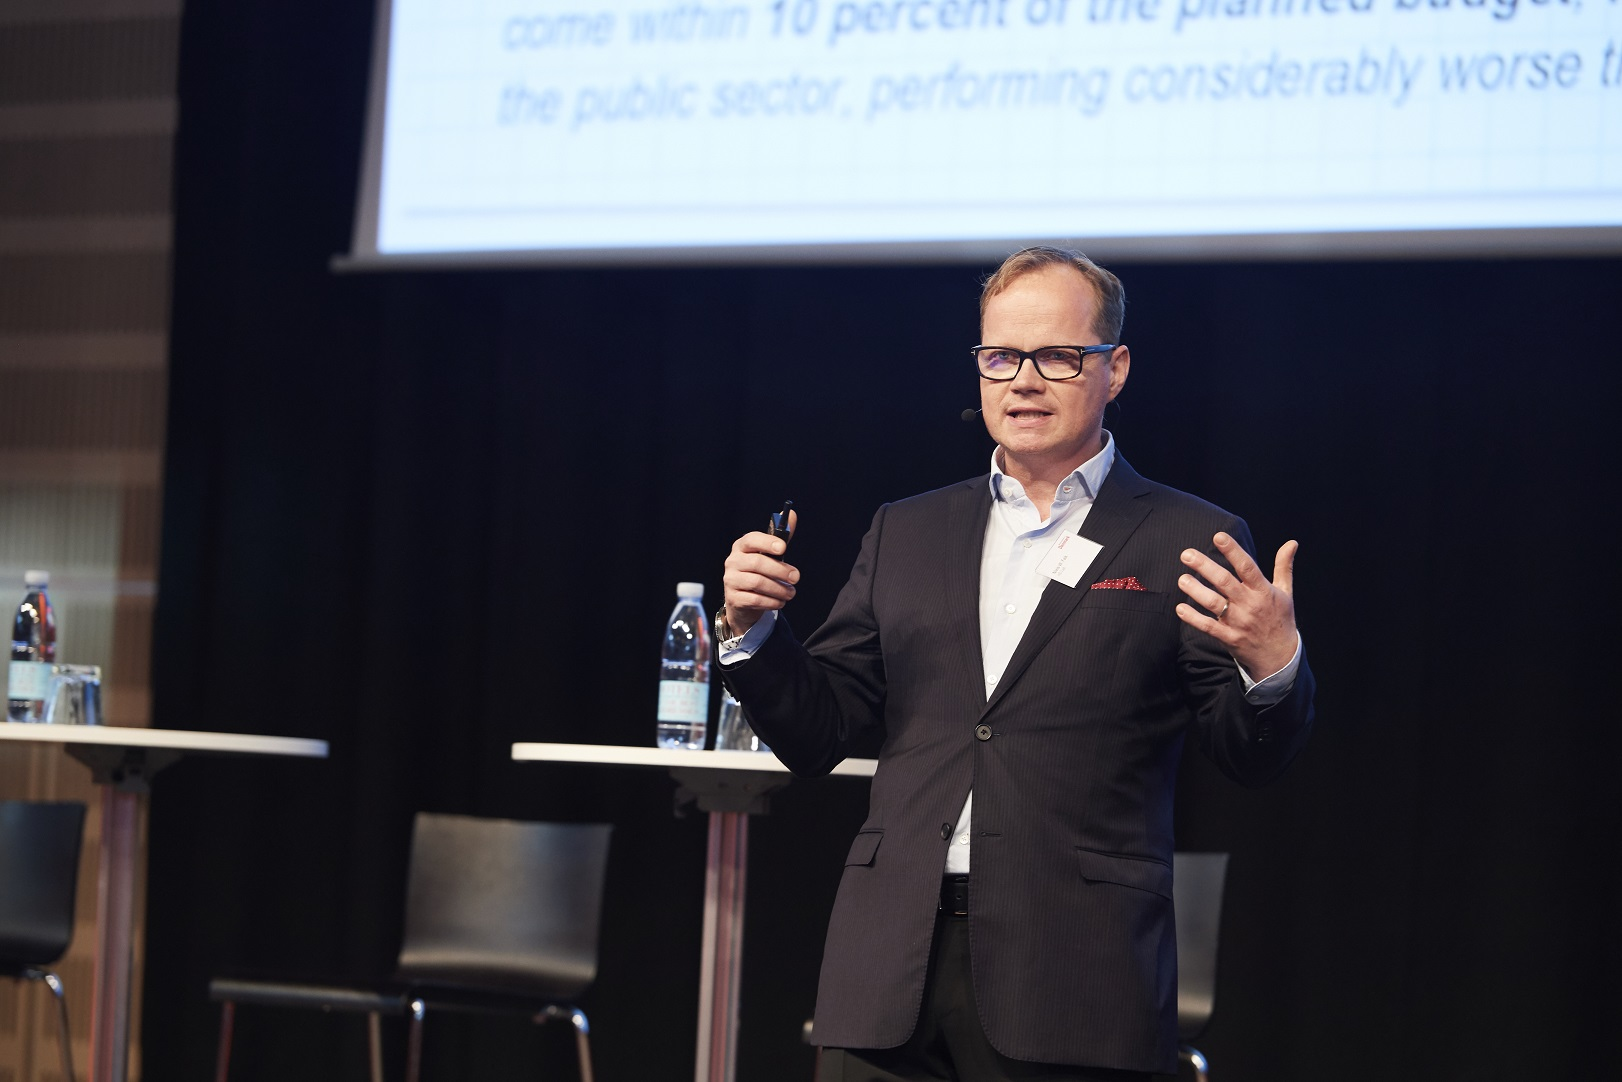 Niels W. Falk til Nytårskur 2019. Se flere billeder nedenfor.